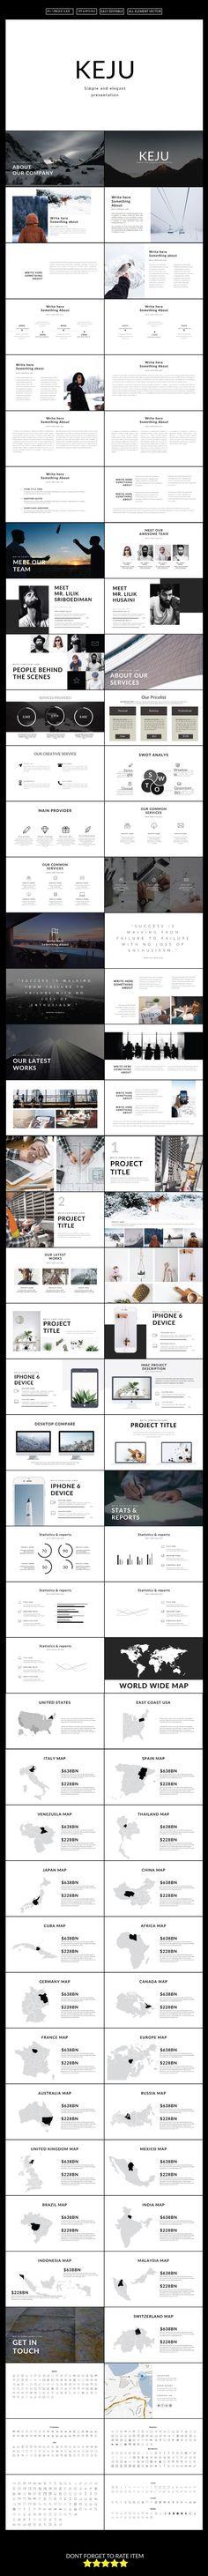 Ppt Template Design, Leaflet Design, Keynote Template, Corporate Presentation, Presentation Layout, Powerpoint Presentation Templates, Web Design, Layout Design, Template Power Point